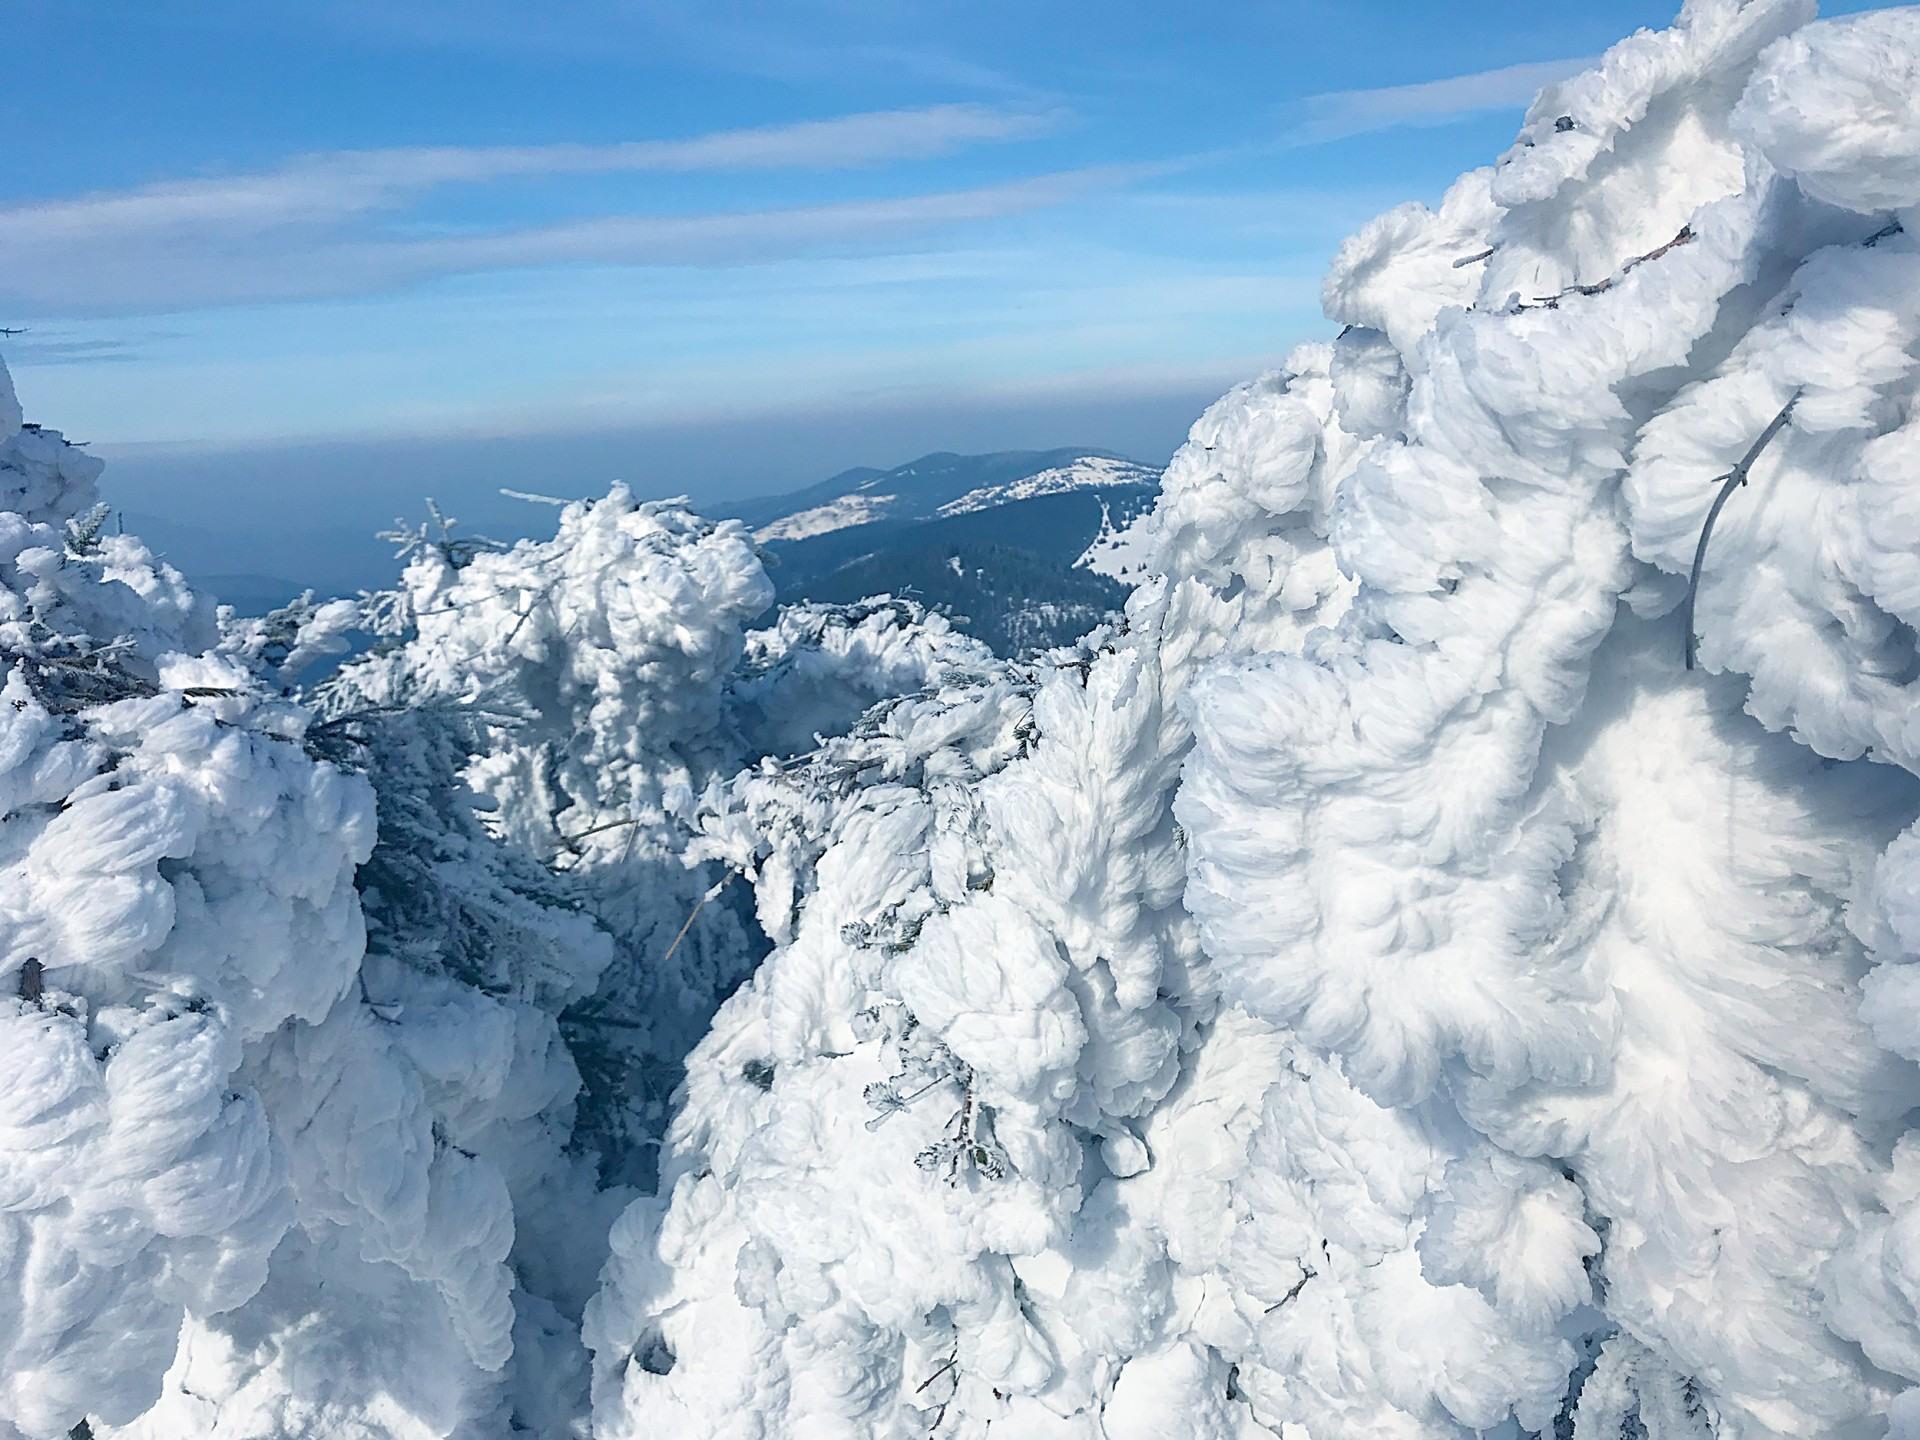 Zimowy krajobraz, Szczyrk, w pobliżu domków nad Jeziorem Żywieckim